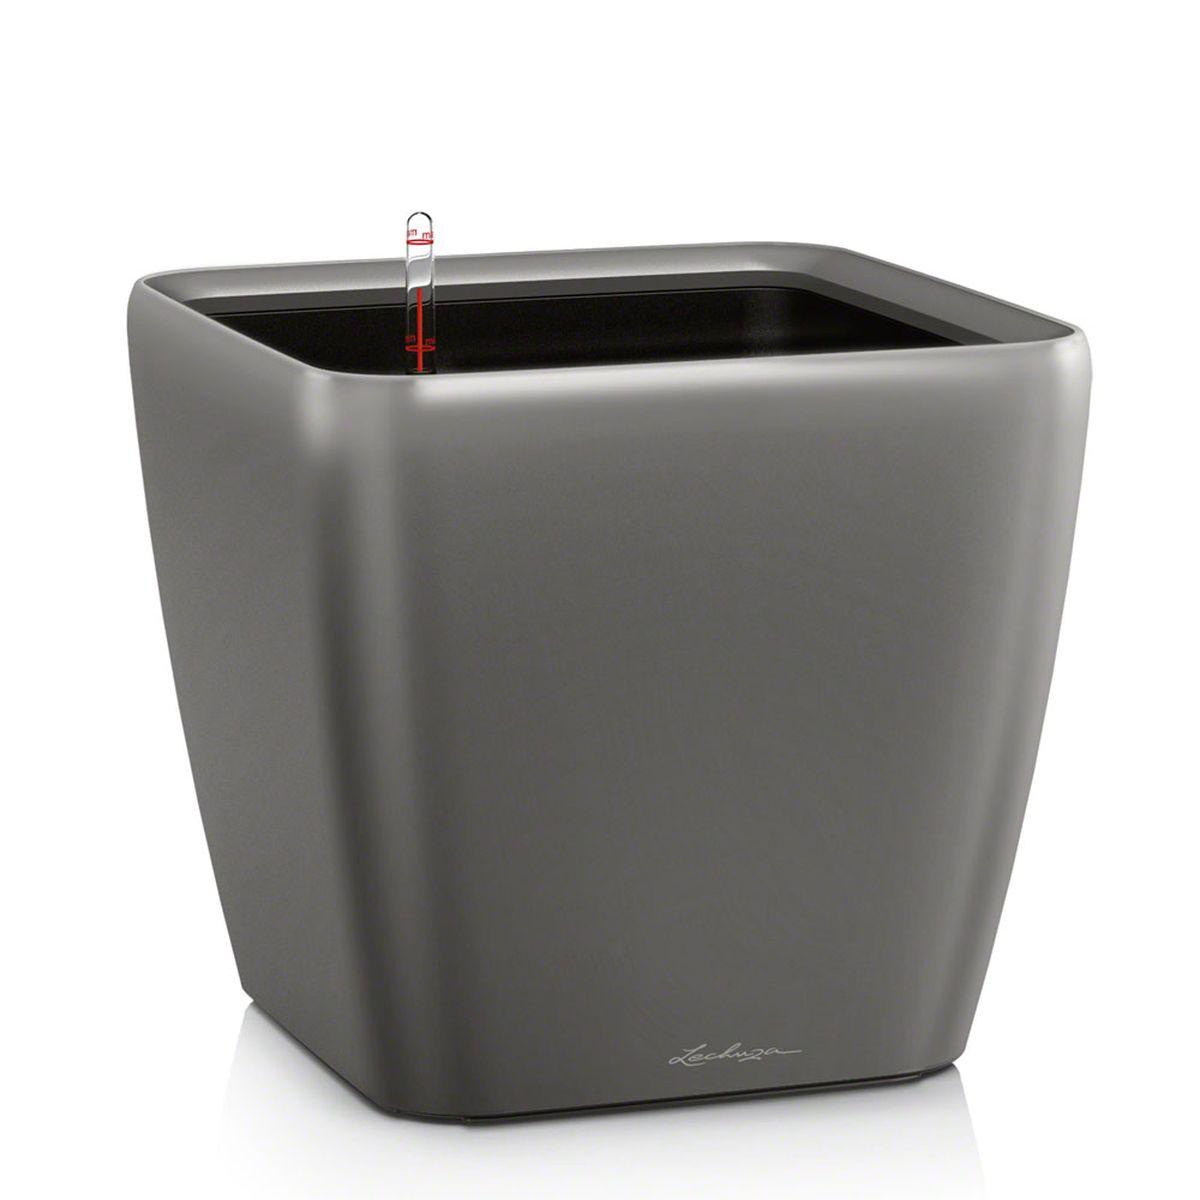 Кашпо с автополивом Lechuza Quadro 50х47 см, антрацит LS16283Элегантная ручка цвета самого кашпо украшает все наборы Все-в-одном кашпо серии QUADRO. Она не только красиво смотрится, но и обеспечивает возможность легкой замены растений. Особые преимущества: - Запатентованный внутренний горшок - Ручка цвета горшка не только практична, но еще и дополнительно подчеркивает изящный дизайн кашпо - В качестве опции: Подставка на роликах для QUADRO 43 и 50